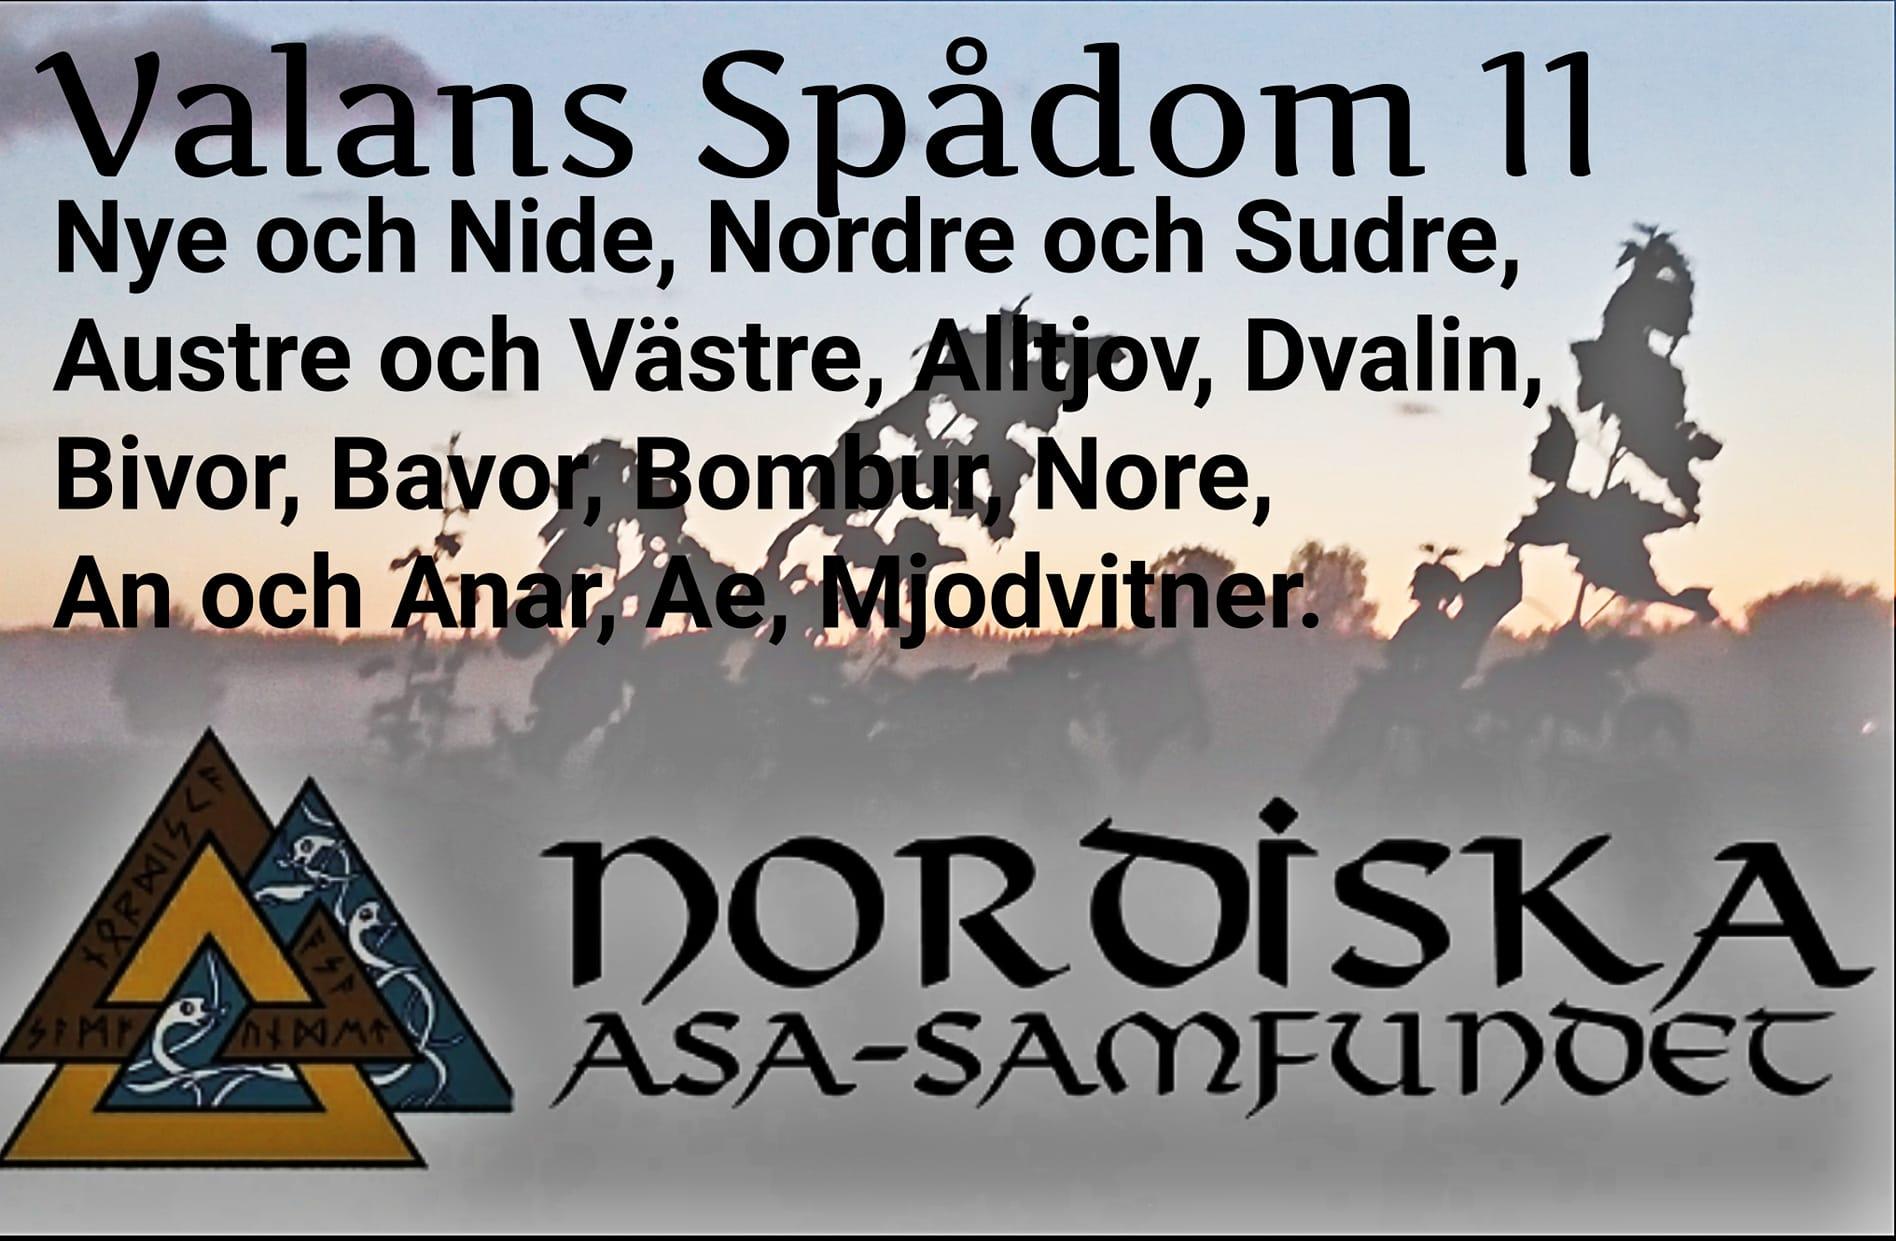 Valans-spadom-voluspa_vers11